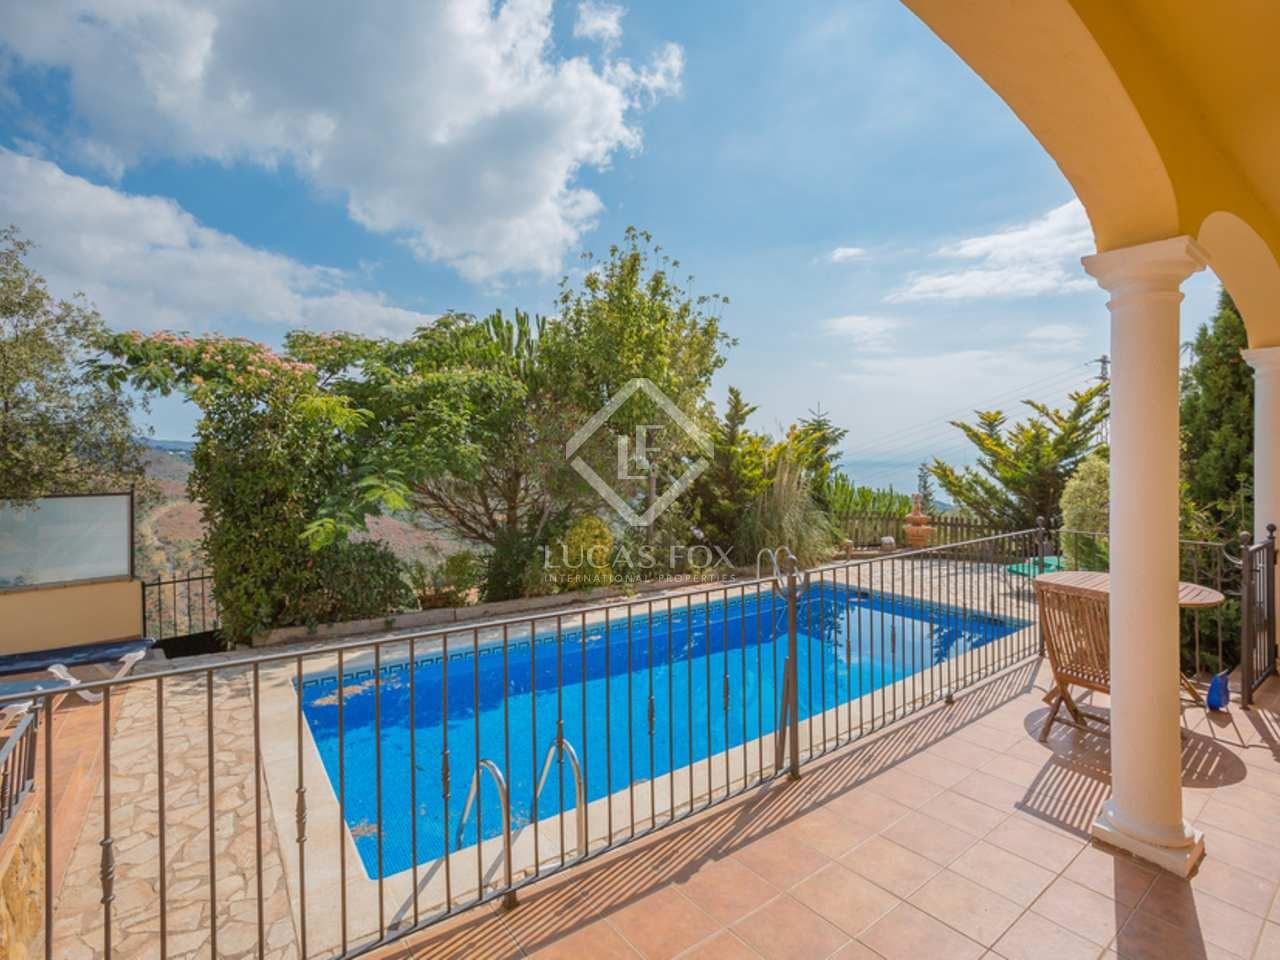 Villa de 5 dormitorios en venta en playa de aro - Casa playa costa brava ...